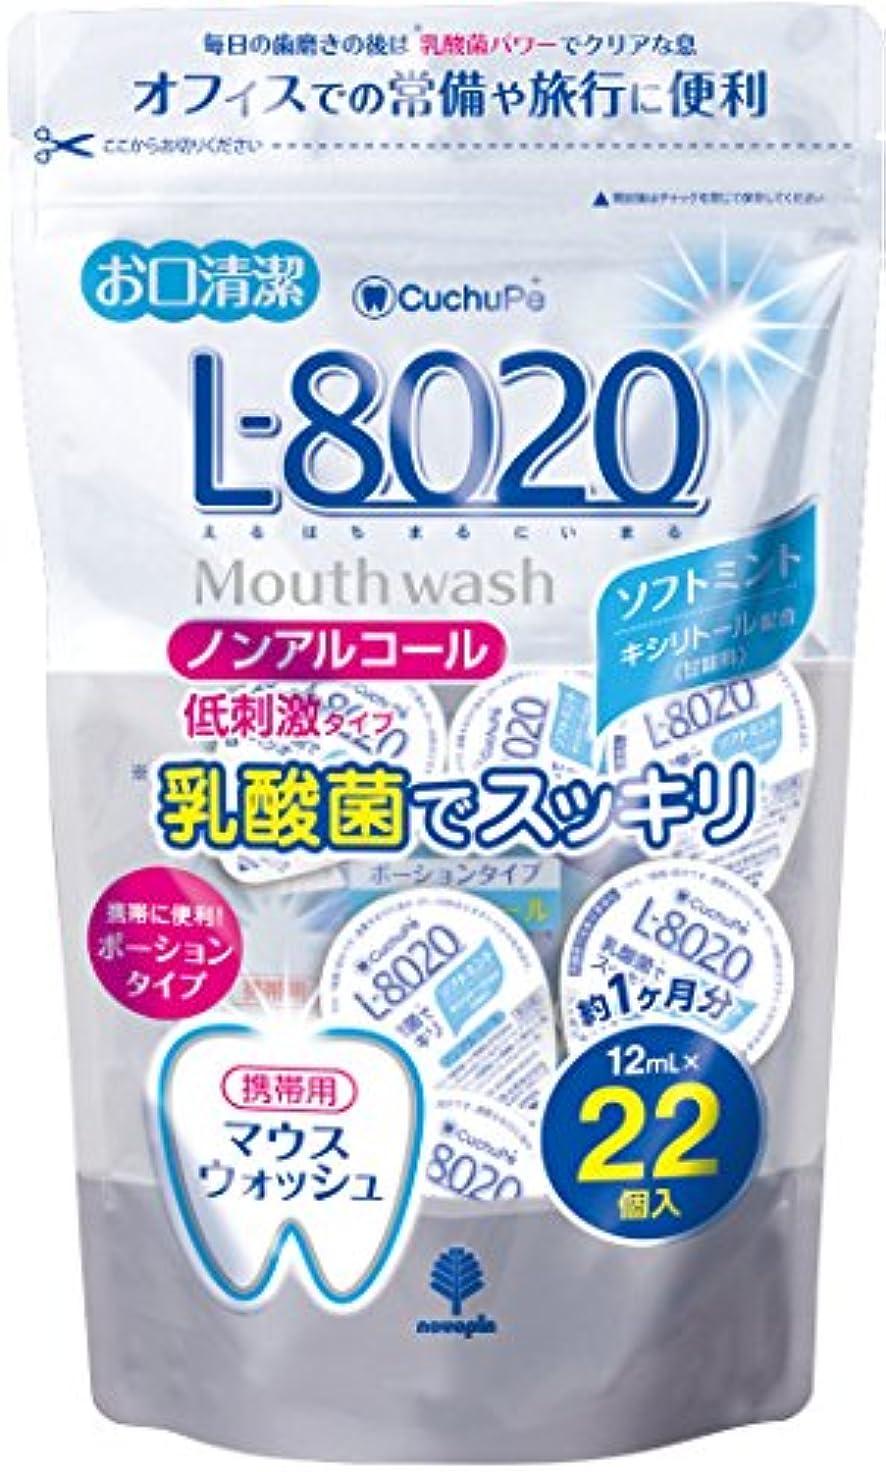 拡張上昇反発紀陽除虫菊 マウスウォッシュ クチュッペ L-8020 ソフトミント (ノンアルコール) ポーションタイプ 22個入